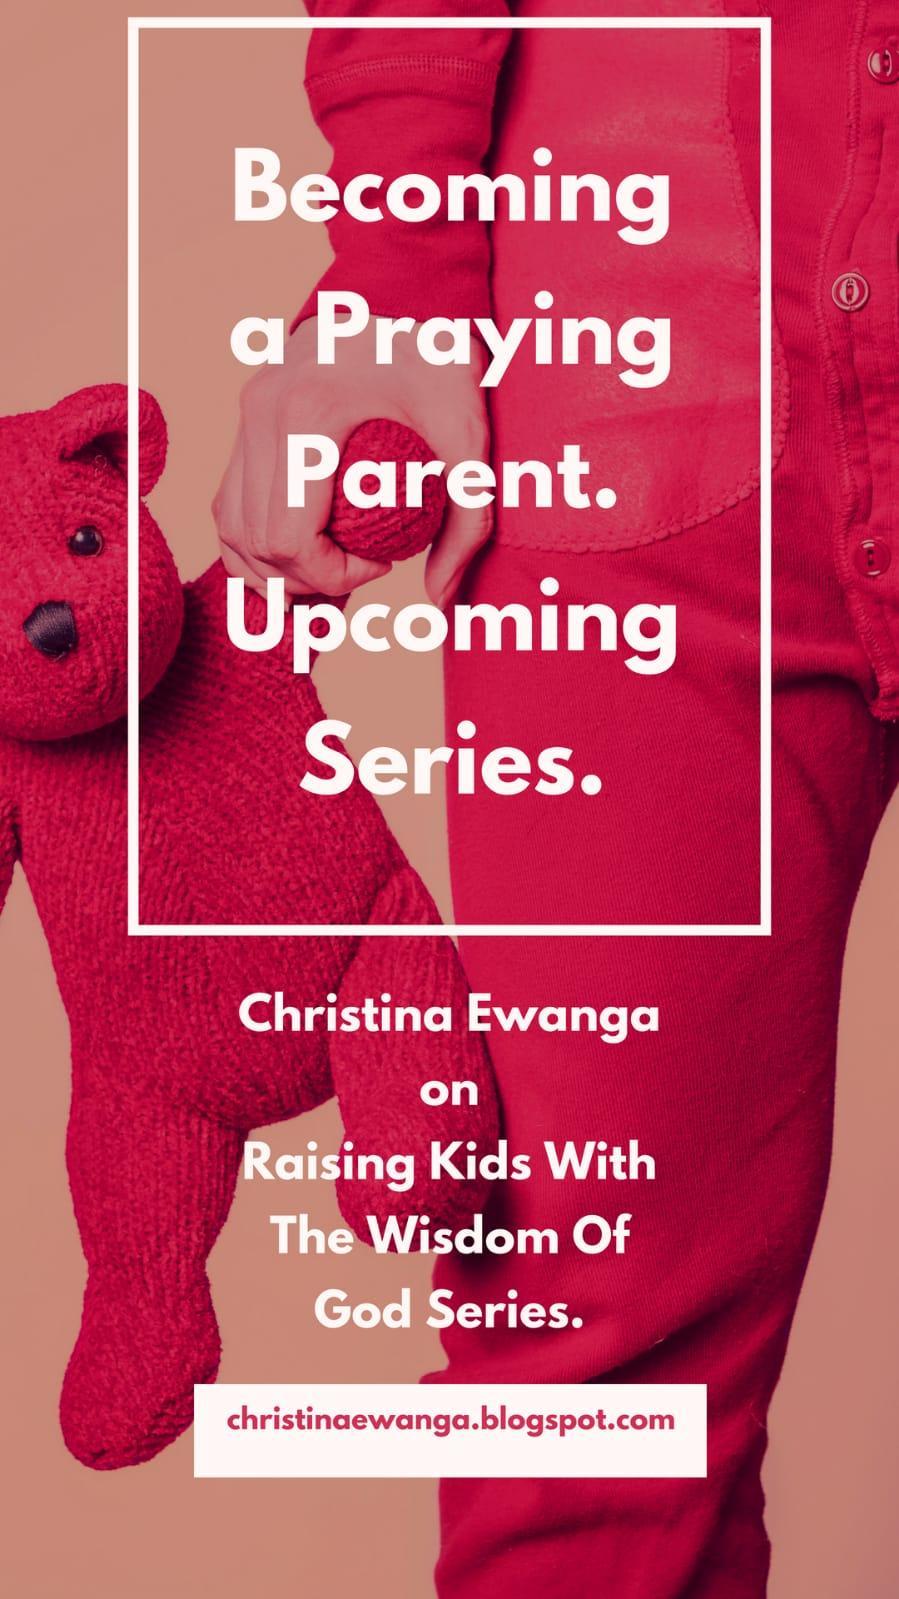 CHRISTINA EWANGA: Becoming A praying Parent: A parent's Prayer